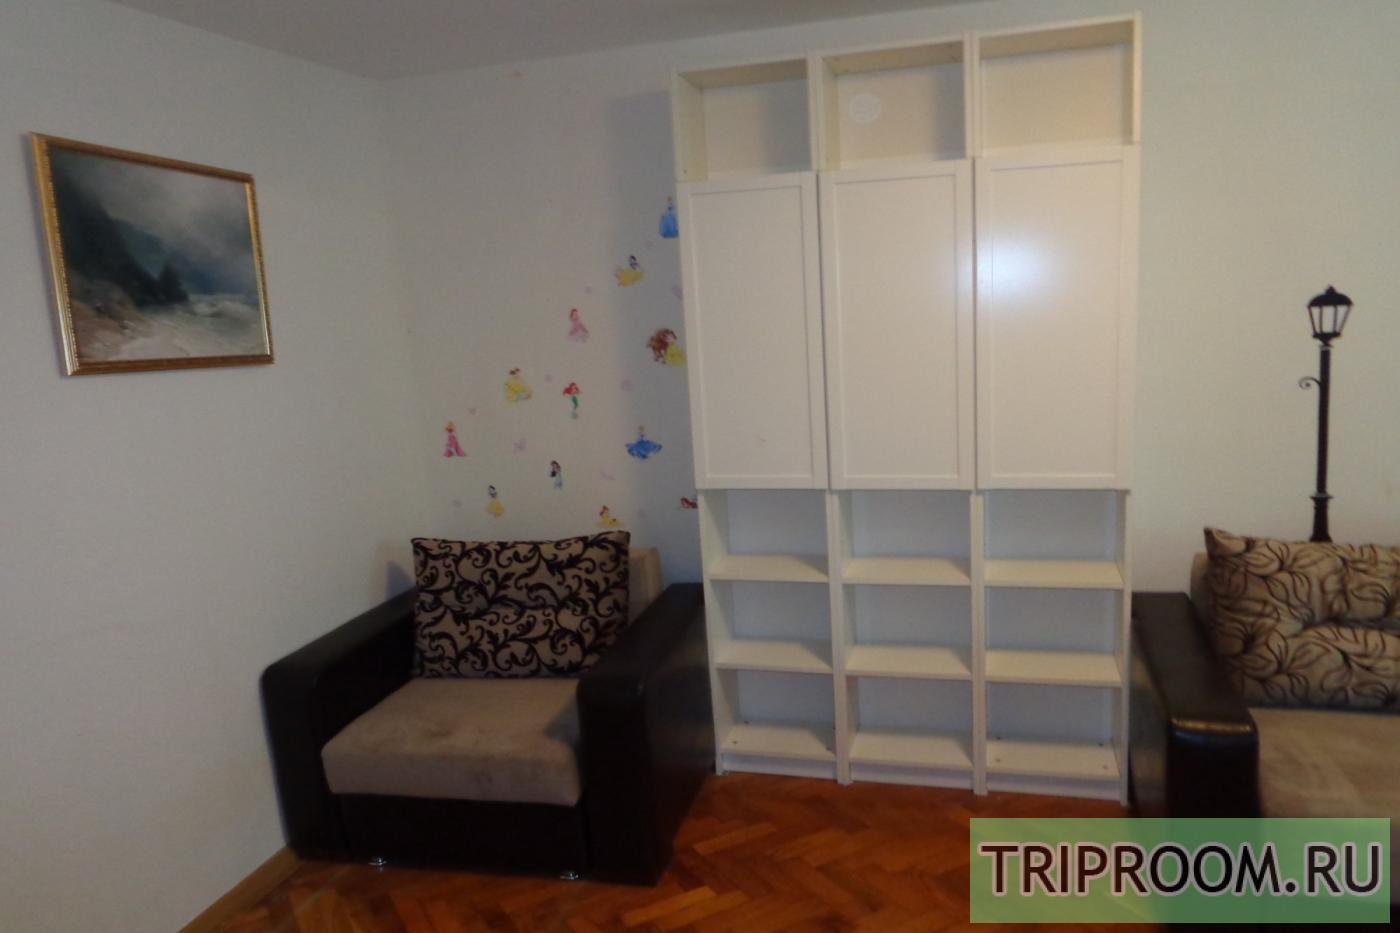 2-комнатная квартира посуточно (вариант № 6980), ул. Воровского улица, фото № 13